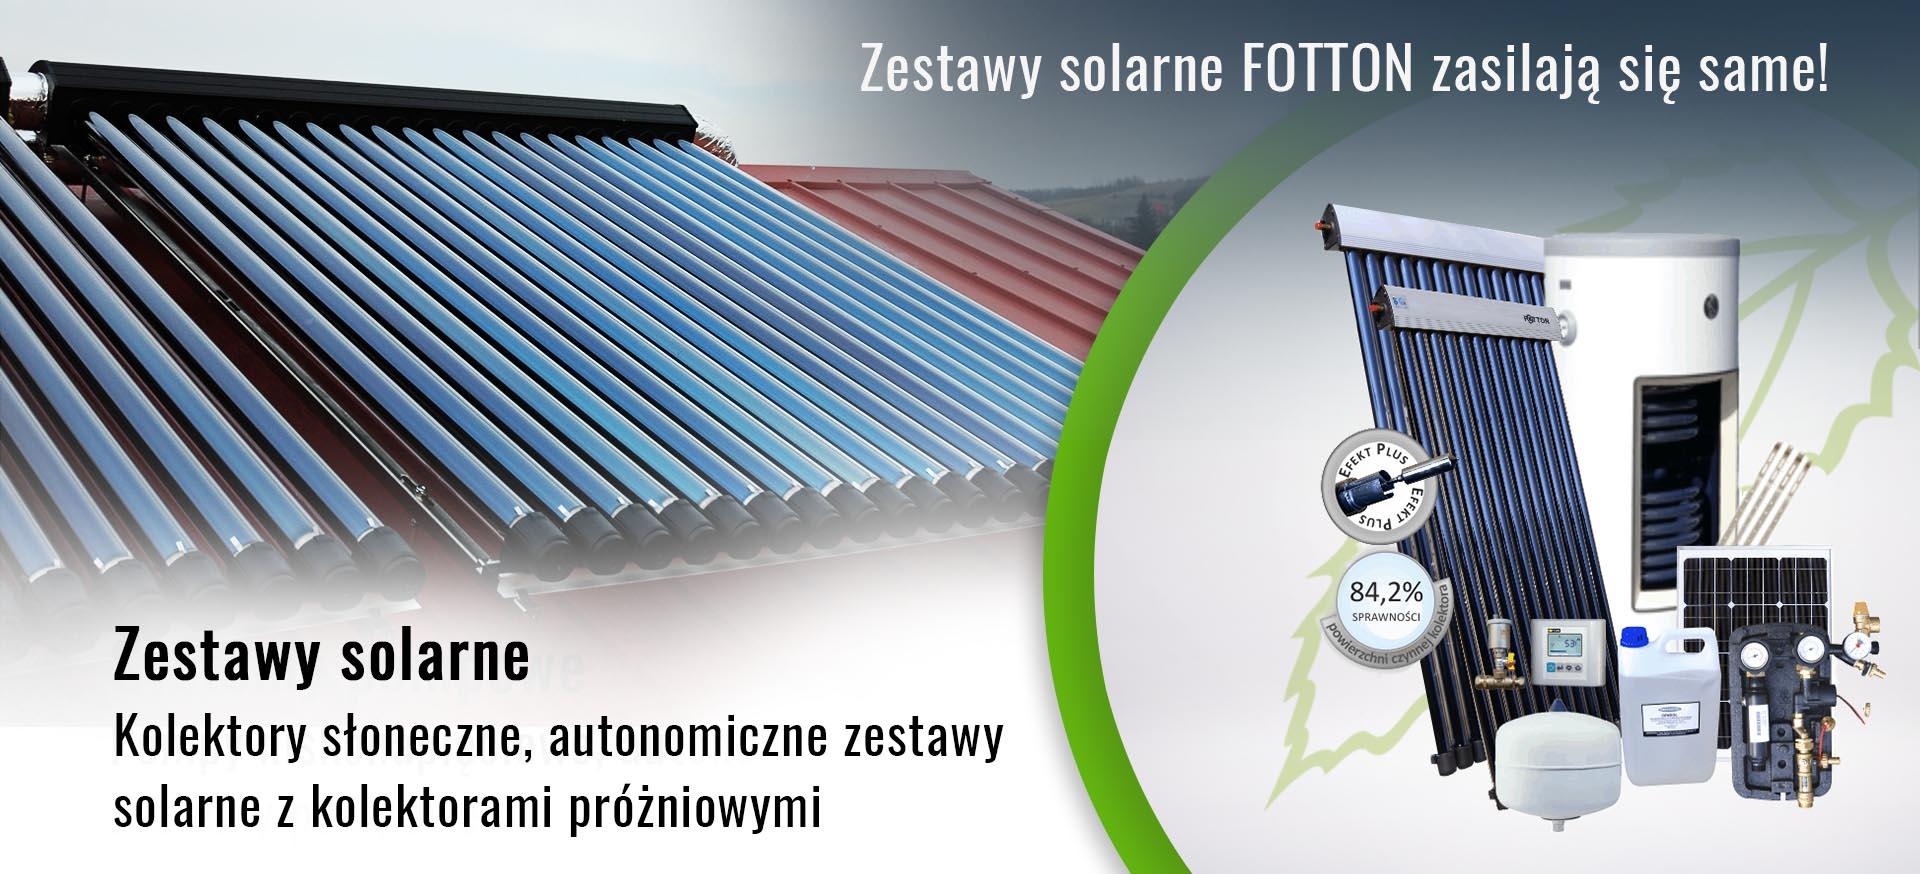 autonomiczne zestawy solarne do CWU